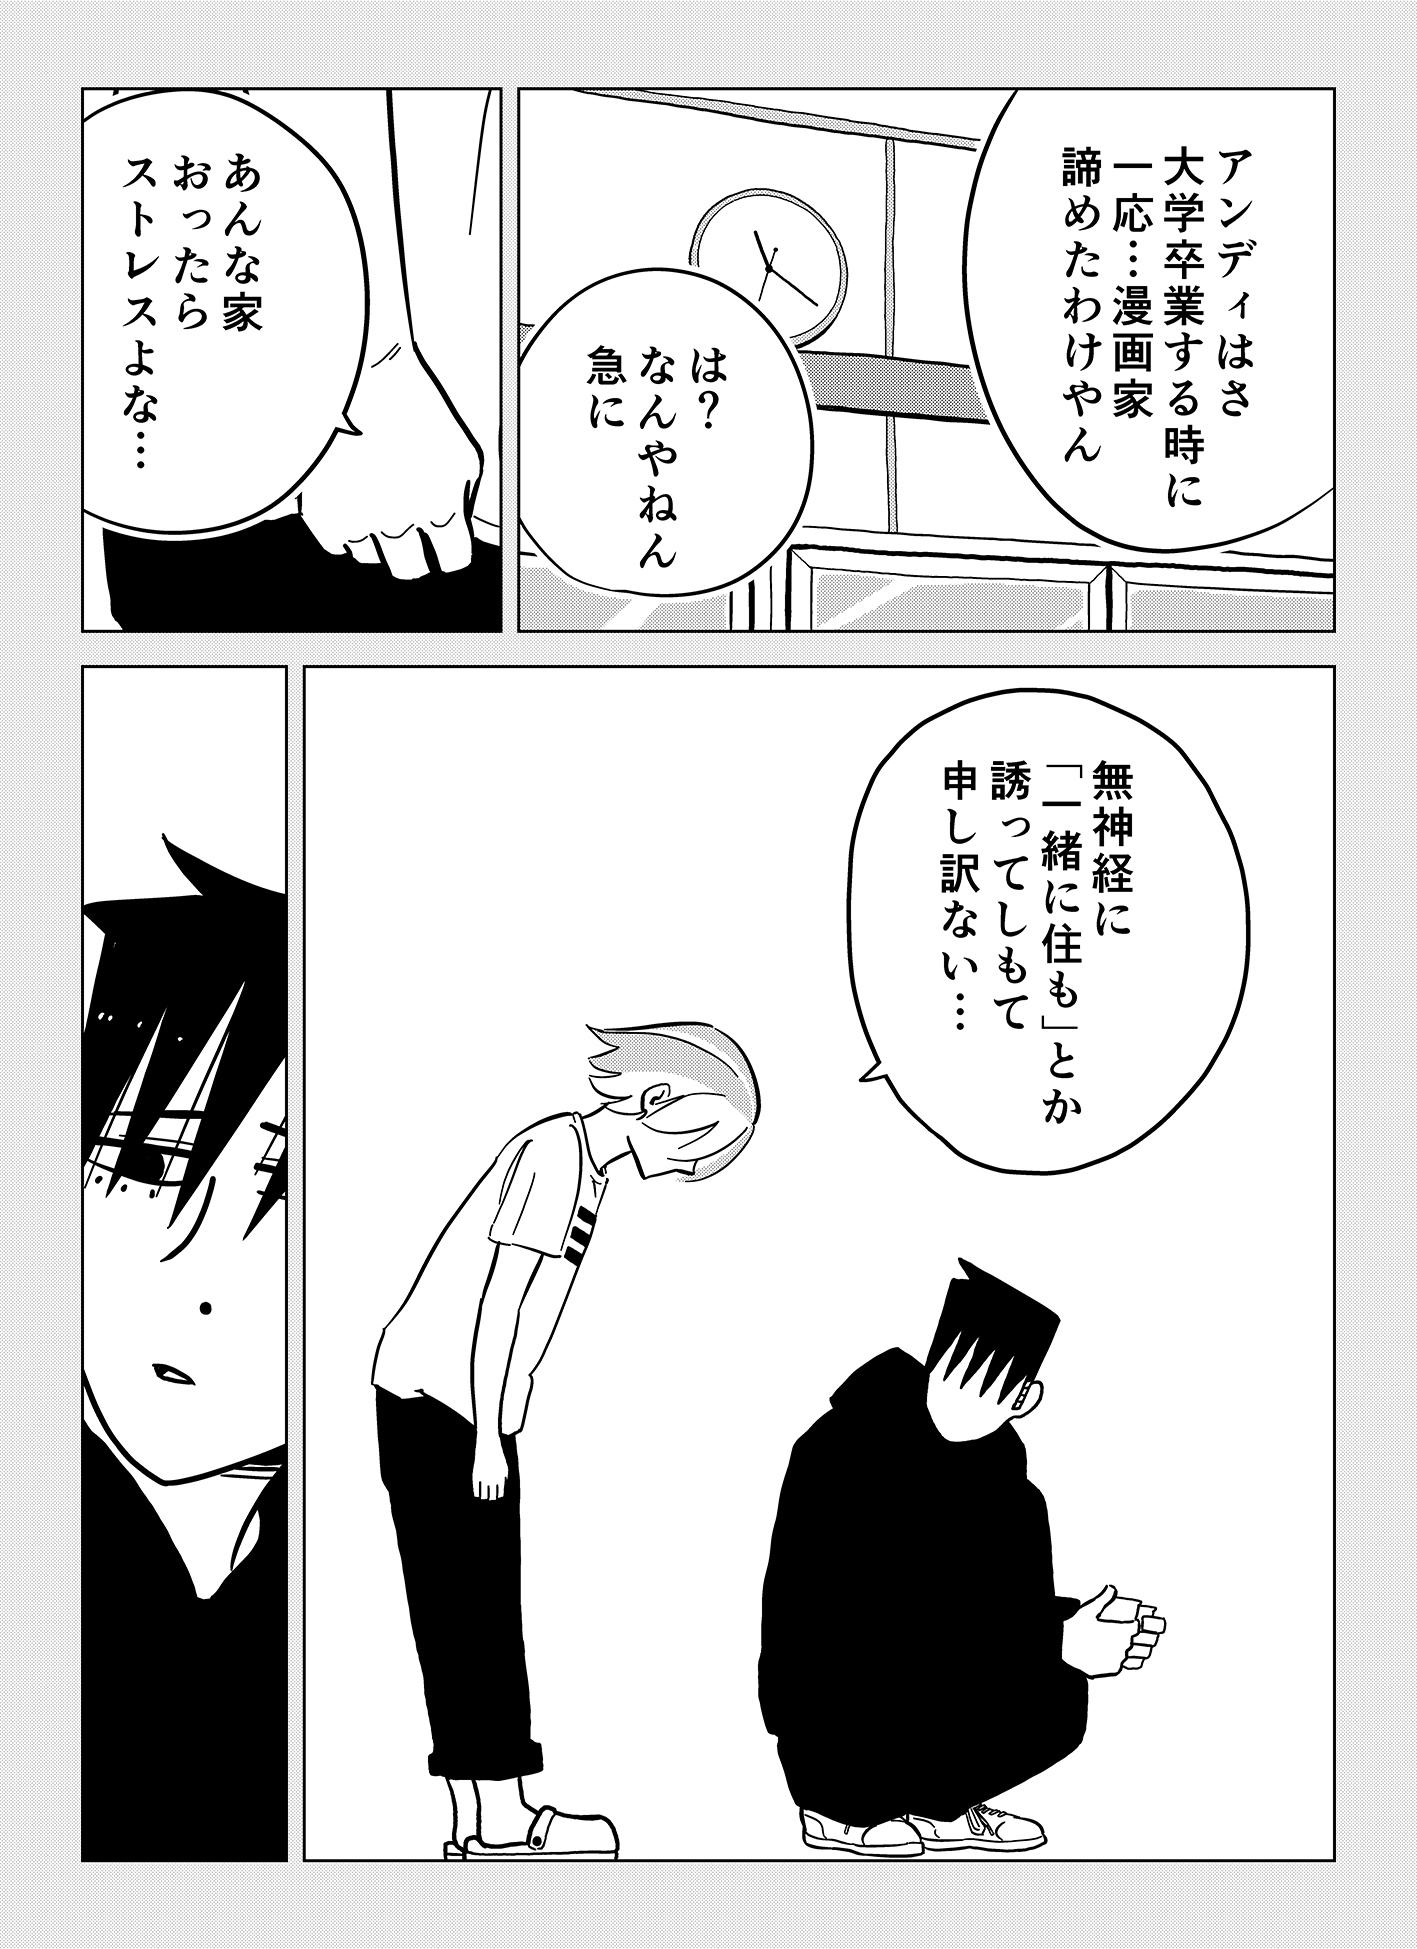 share12_010